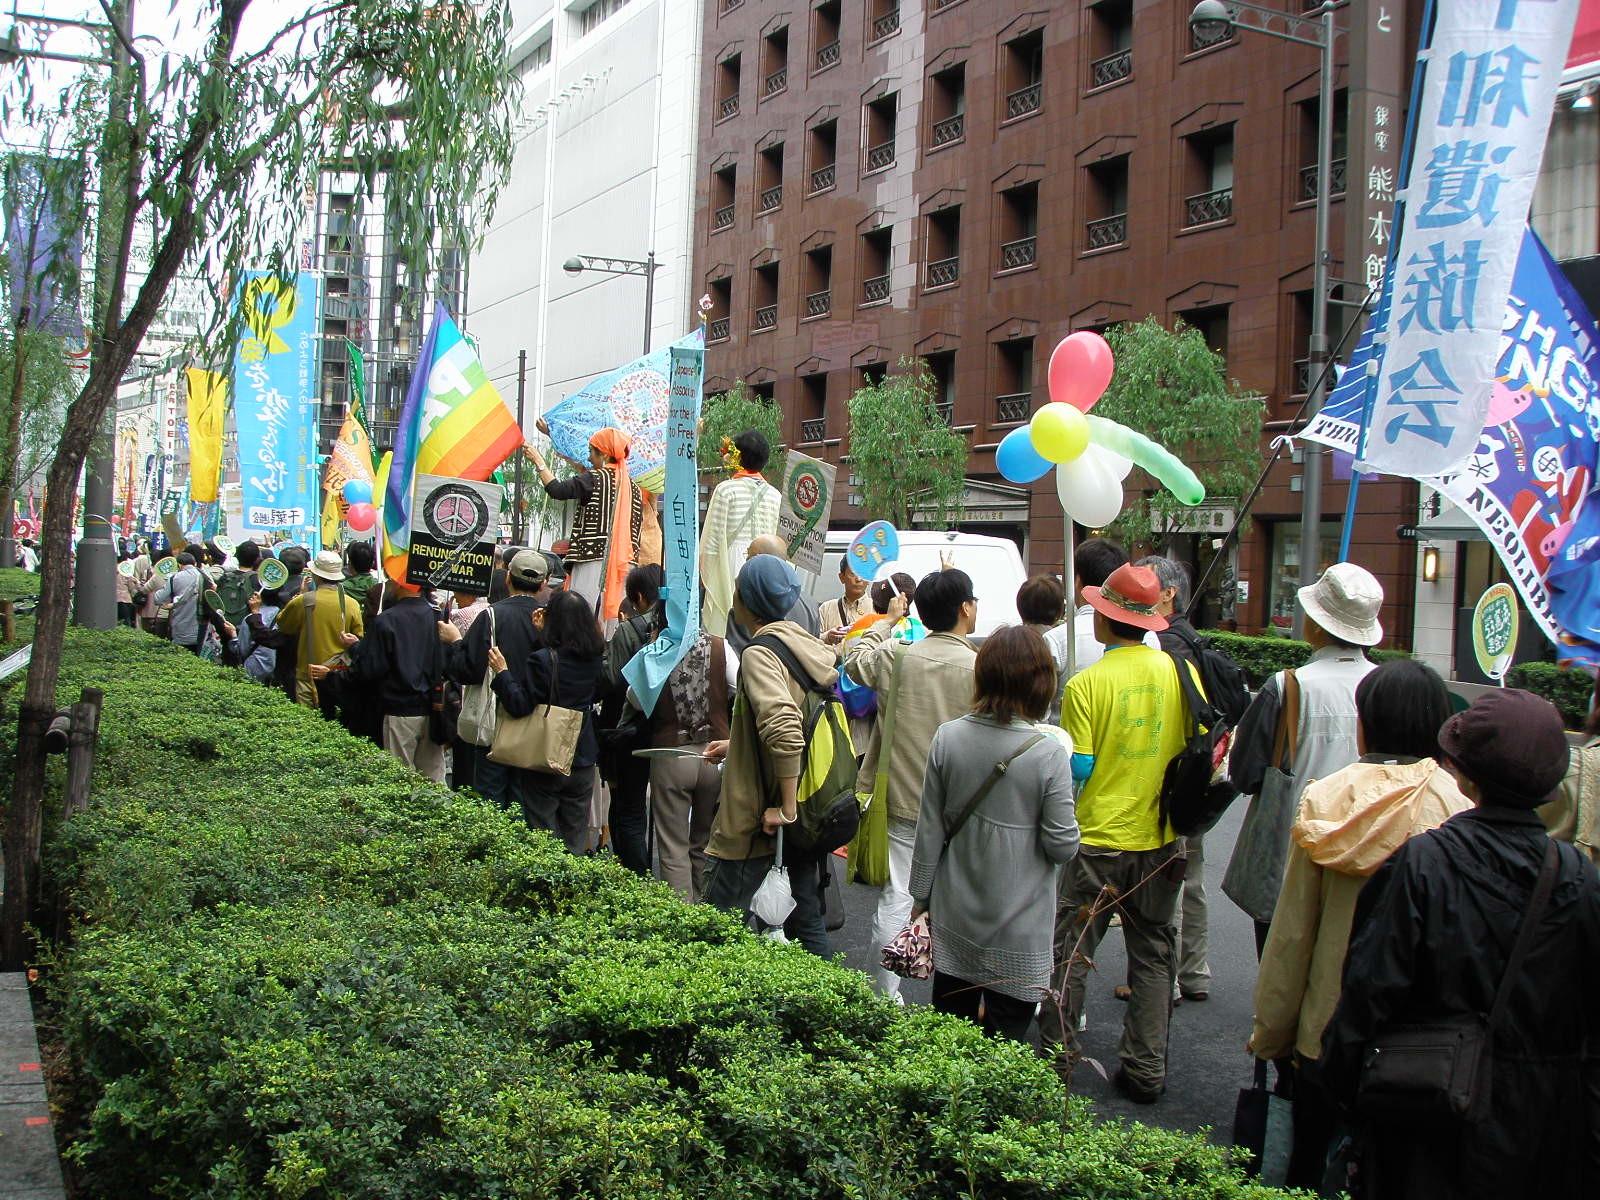 per una delle vie principali di Ginza a Tokyo